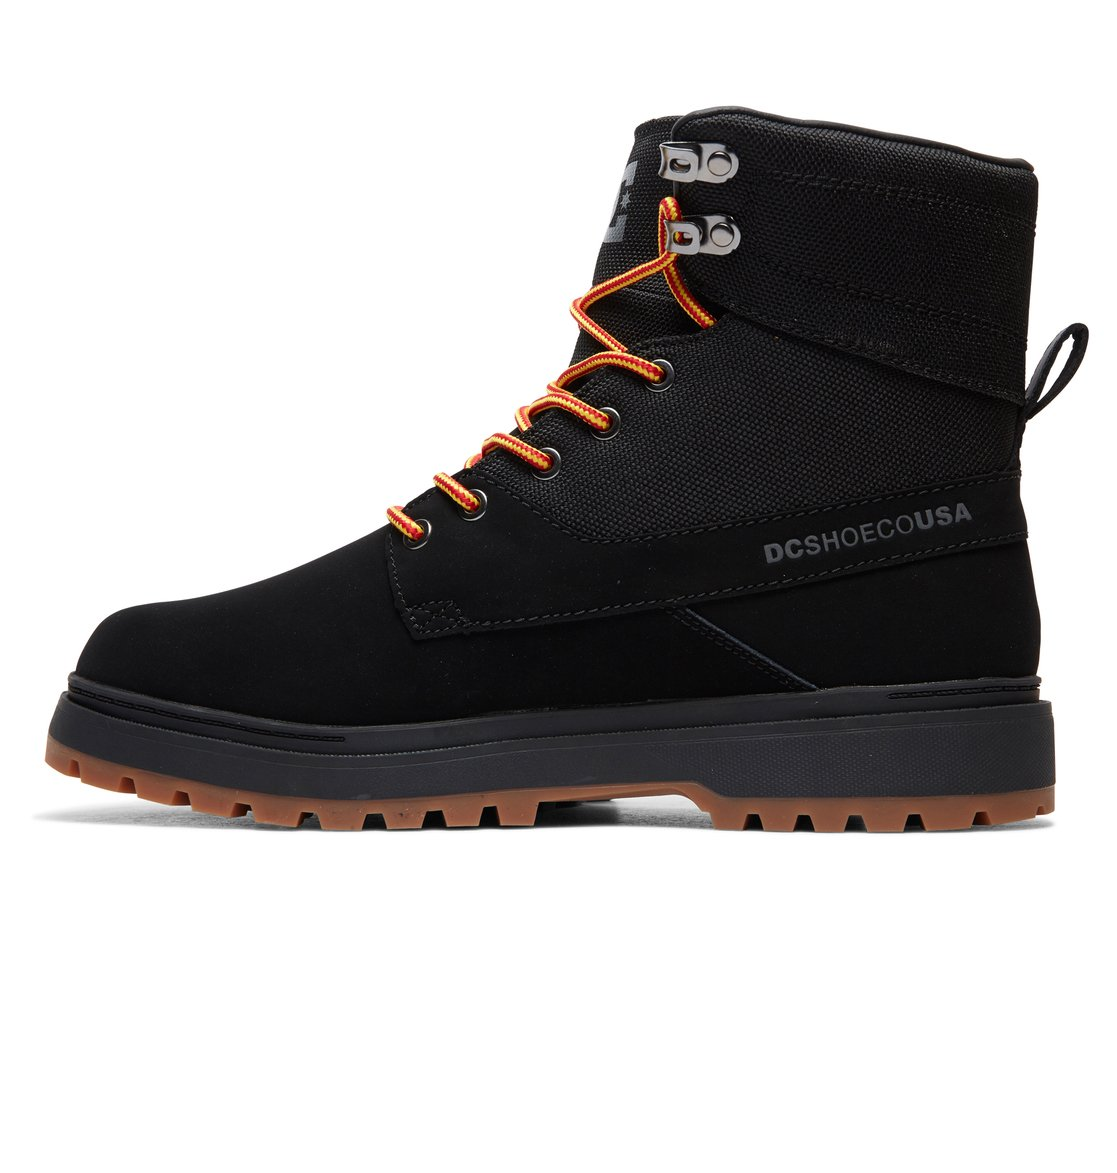 347c821f54cf 2 Uncas Lace-Up Boots Black ADYB700023 DC Shoes